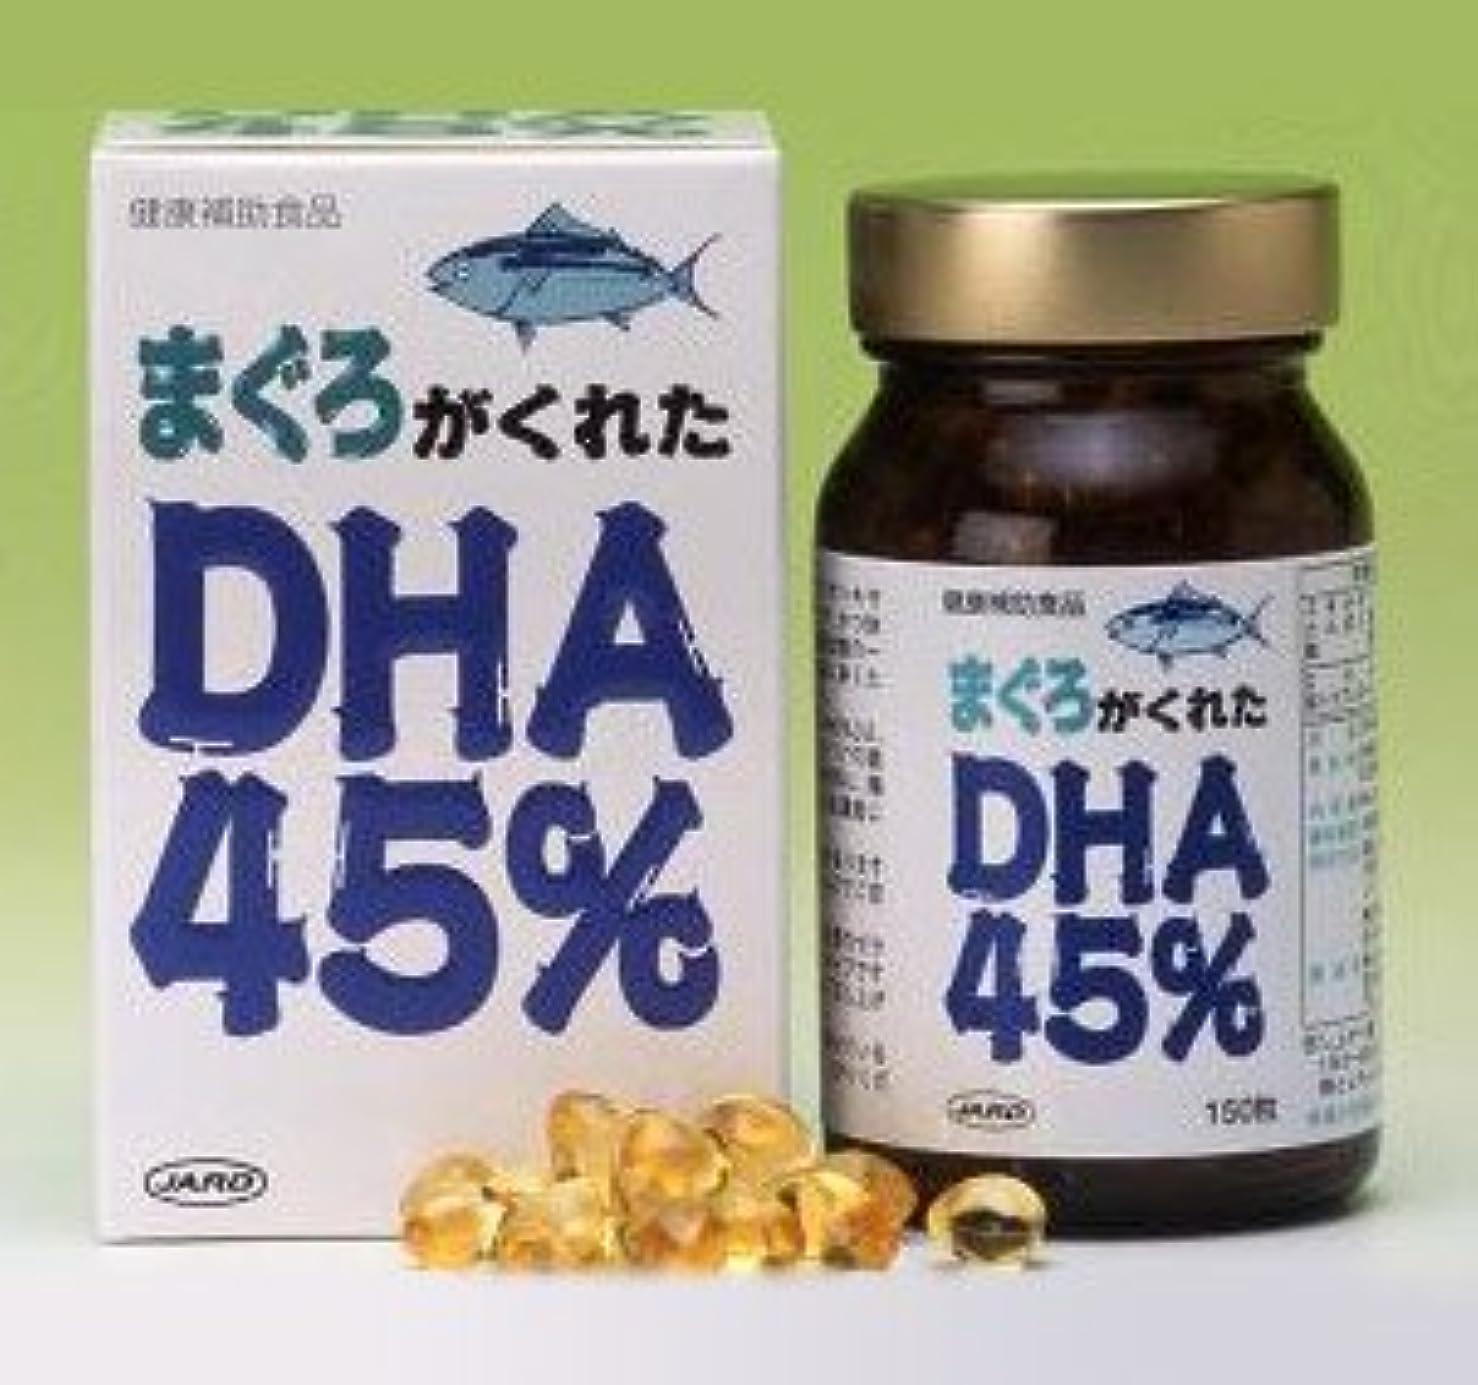 調整カルシウム工場まぐろがくれたDHA45%(単品)ジャード